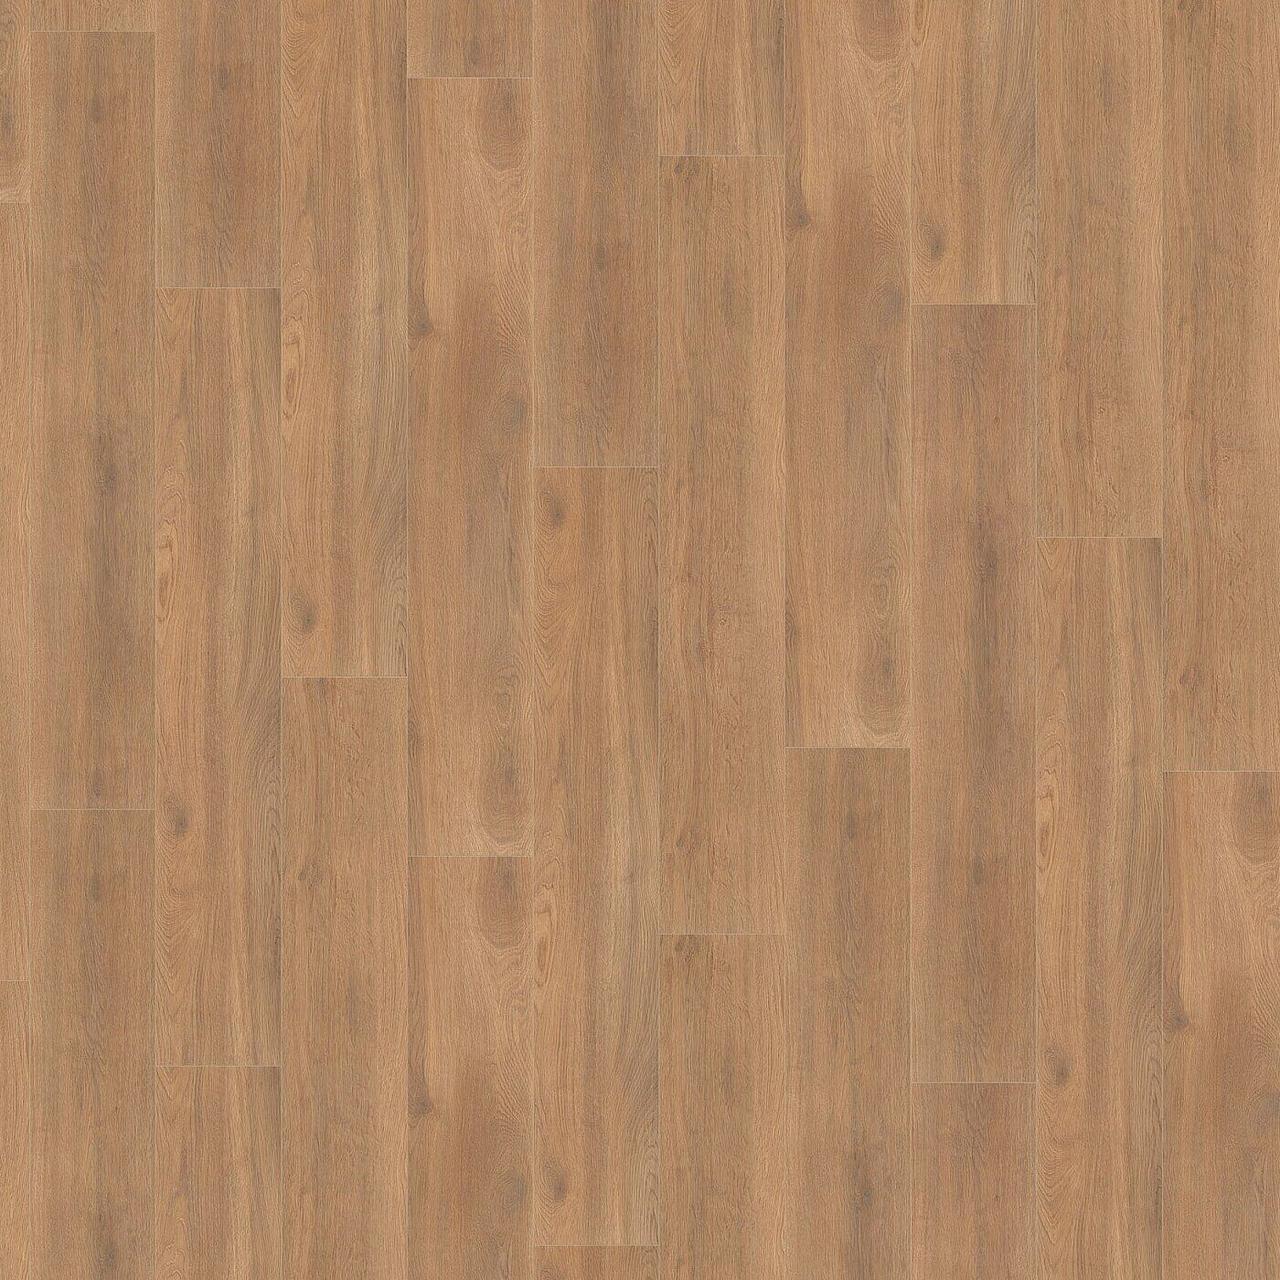 Ламінат WINEO Дуб элеганц коричневий